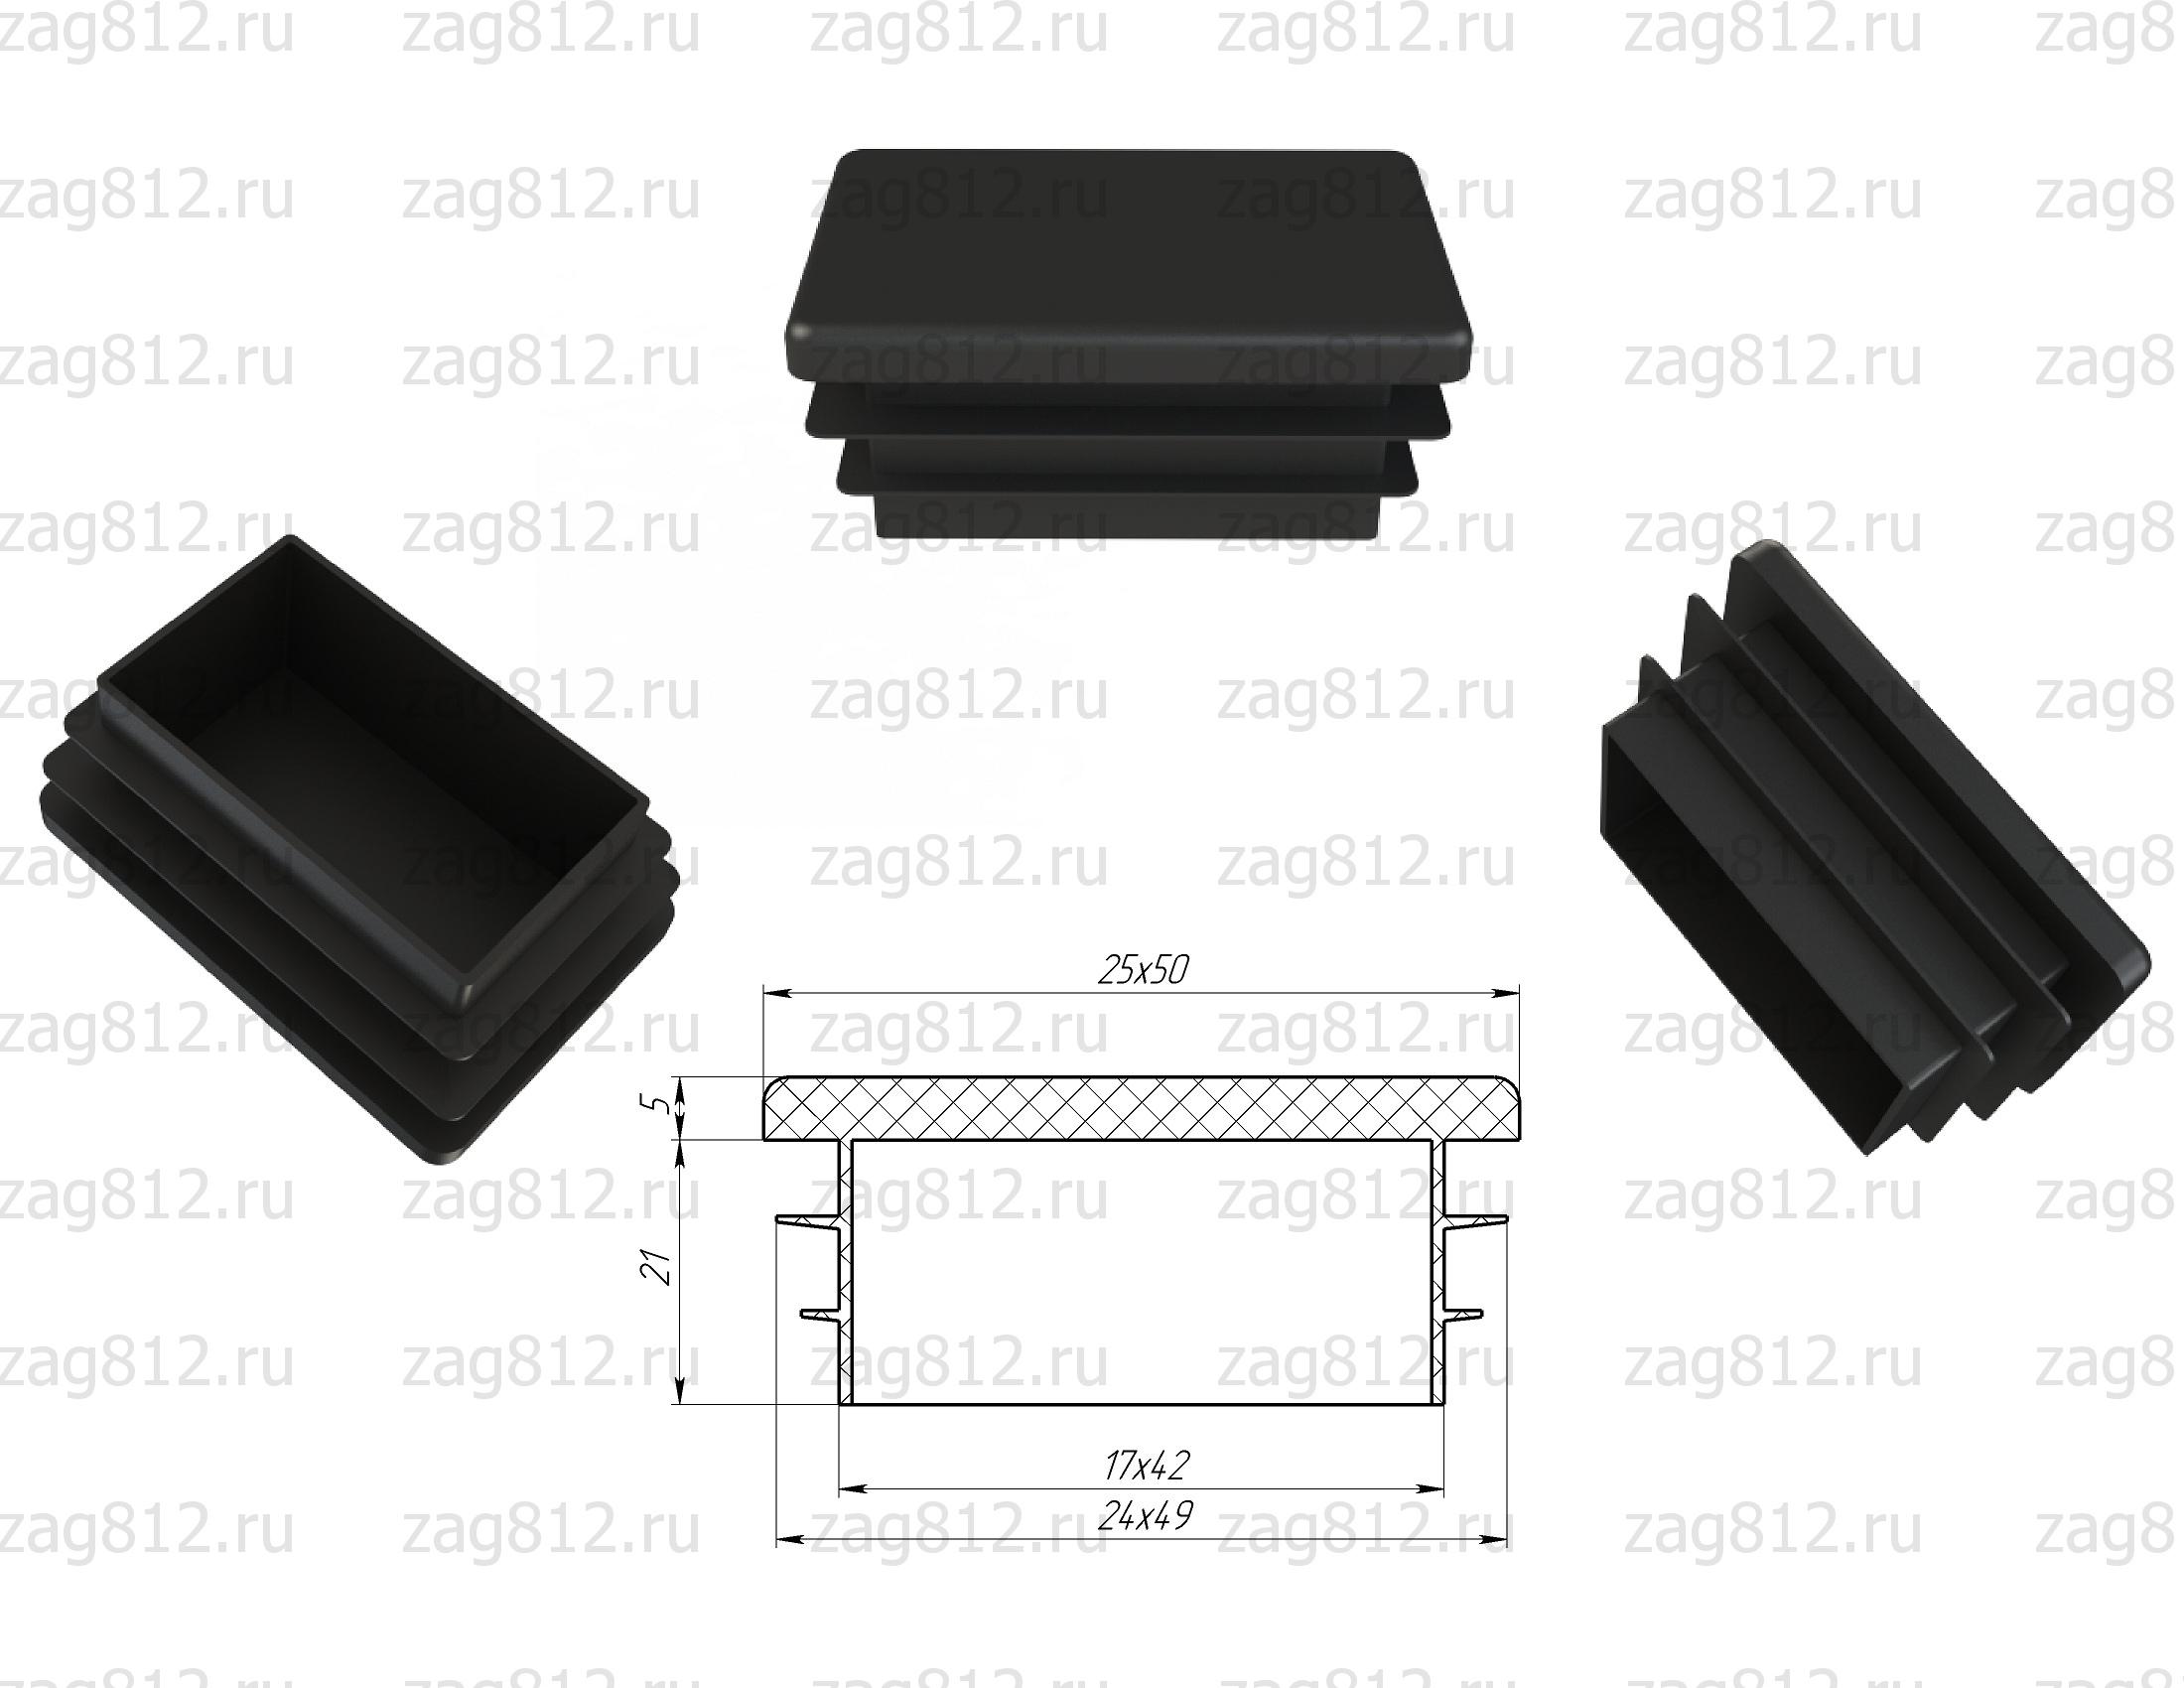 Заглушка 15х30ов прямоугольная и схема